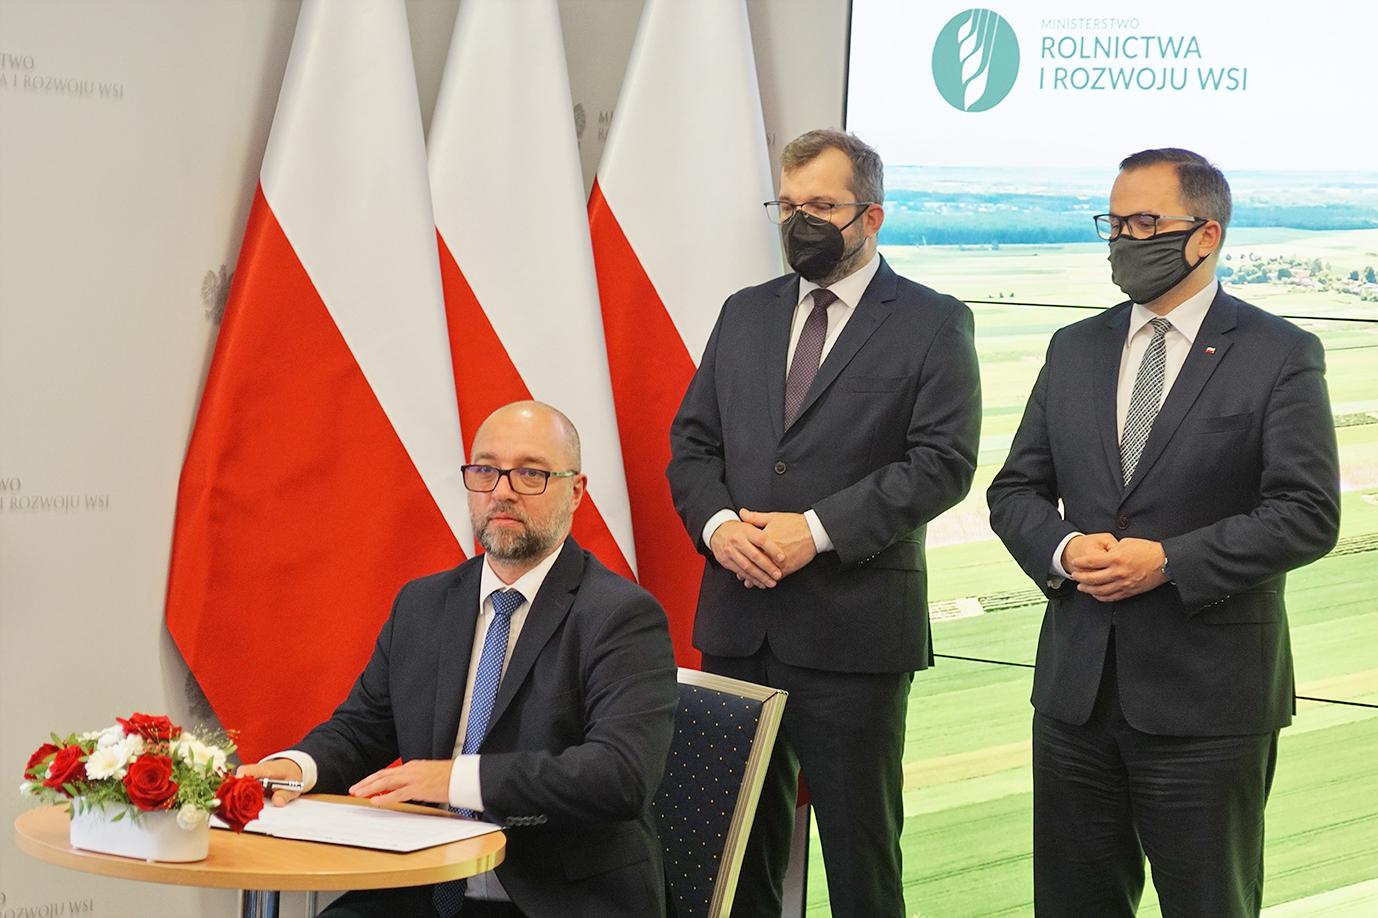 Prezes Polskiej Agencji Żeglugi Powietrznej Janusz Janiszewski podczas składania podpisu (fot. MRiRW)